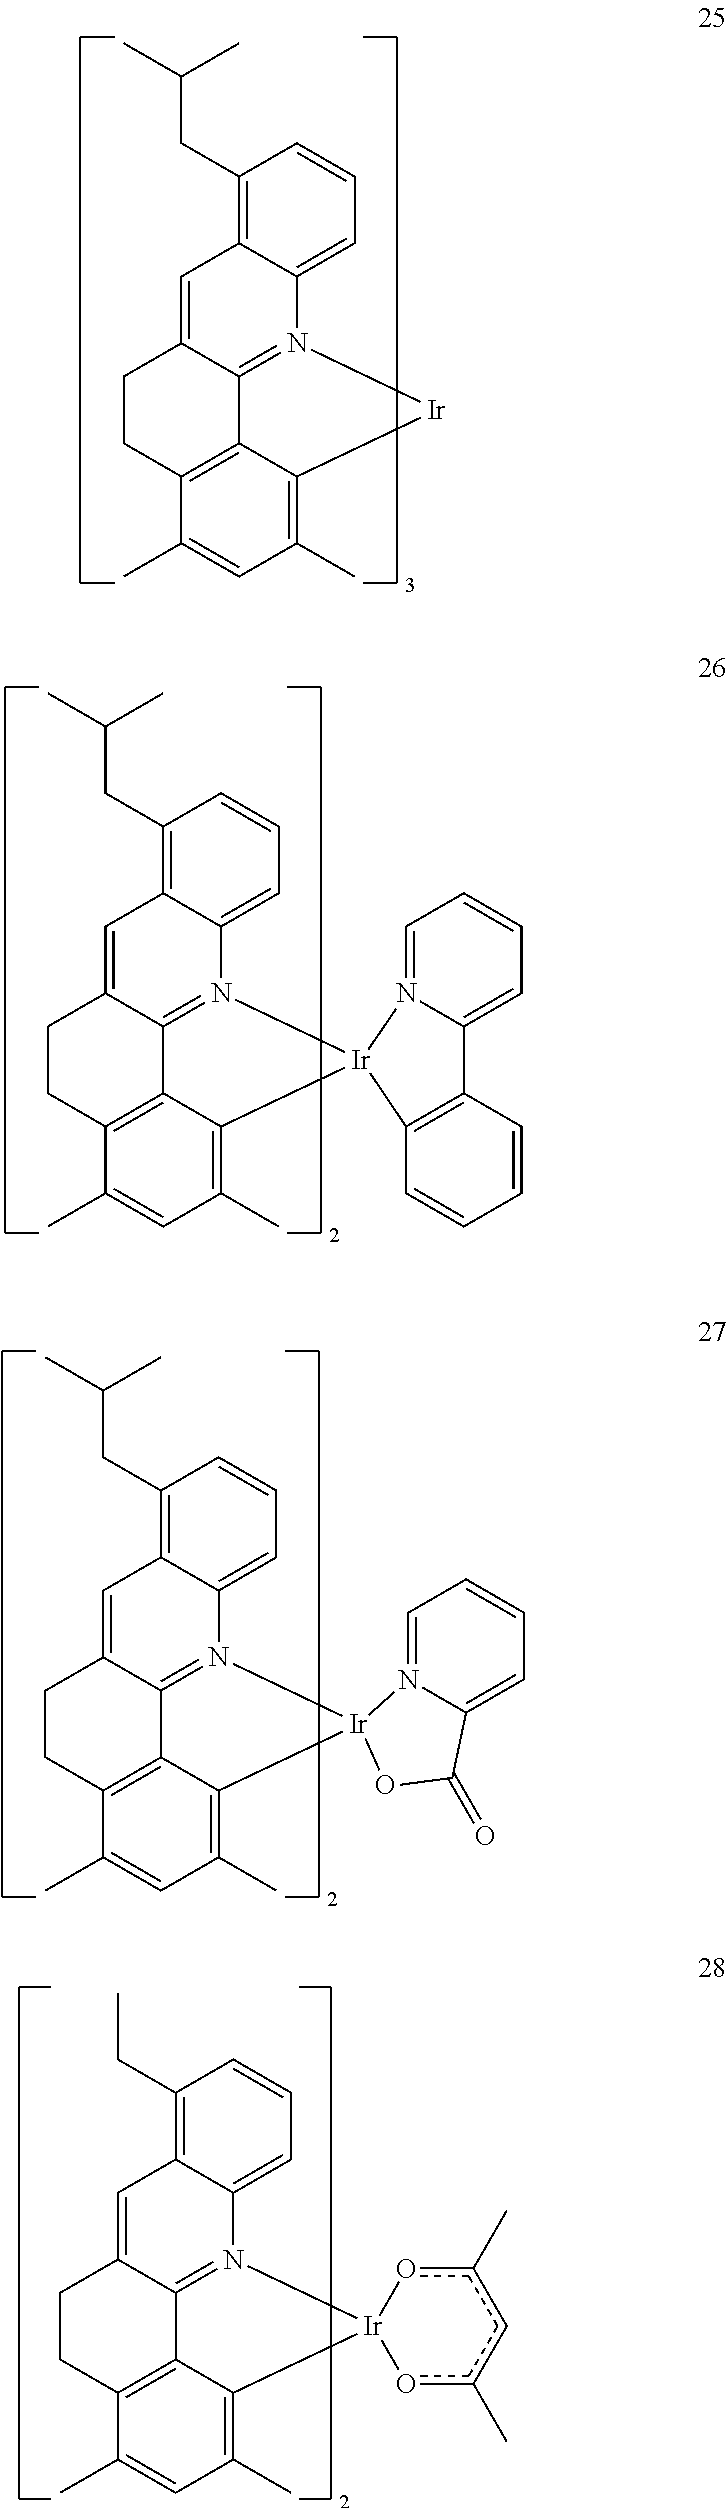 Figure US20130032785A1-20130207-C00221